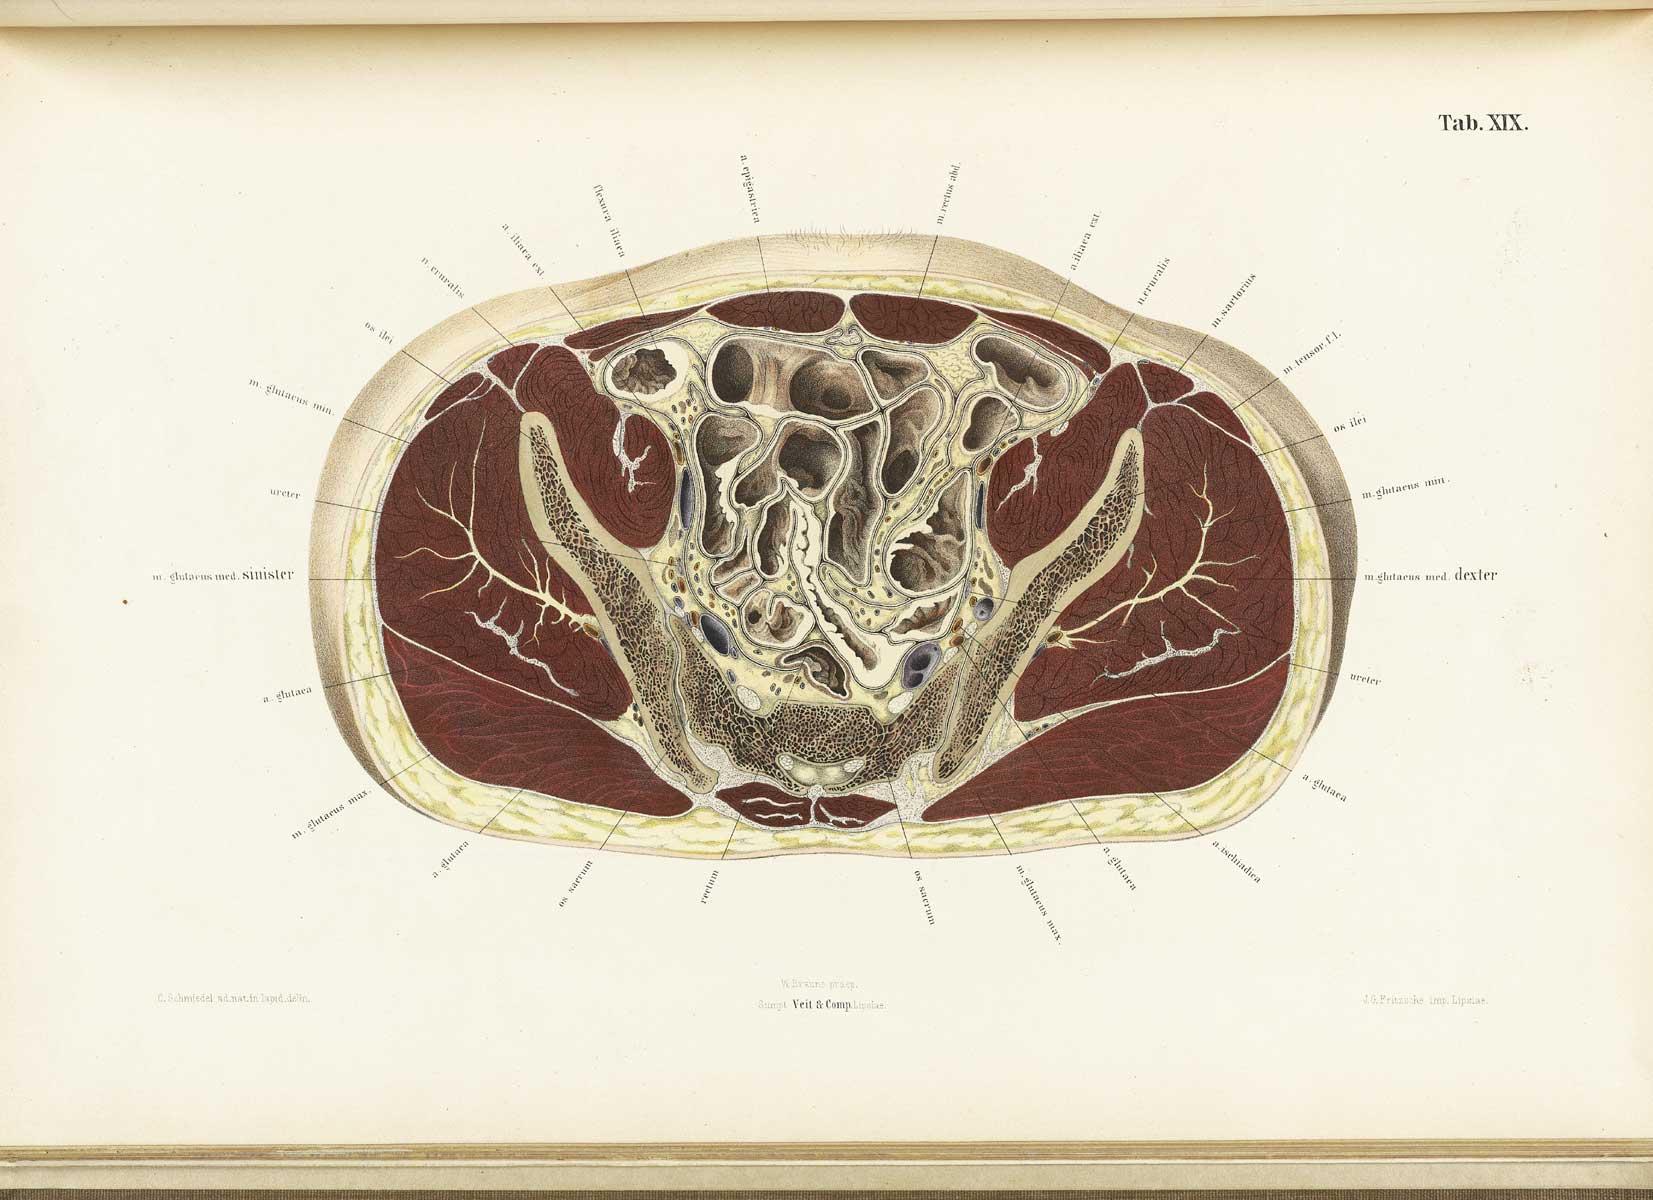 http://www.nlm.nih.gov/exhibition/historicalanatomies/Images/1200_pixels/braune19.jpg